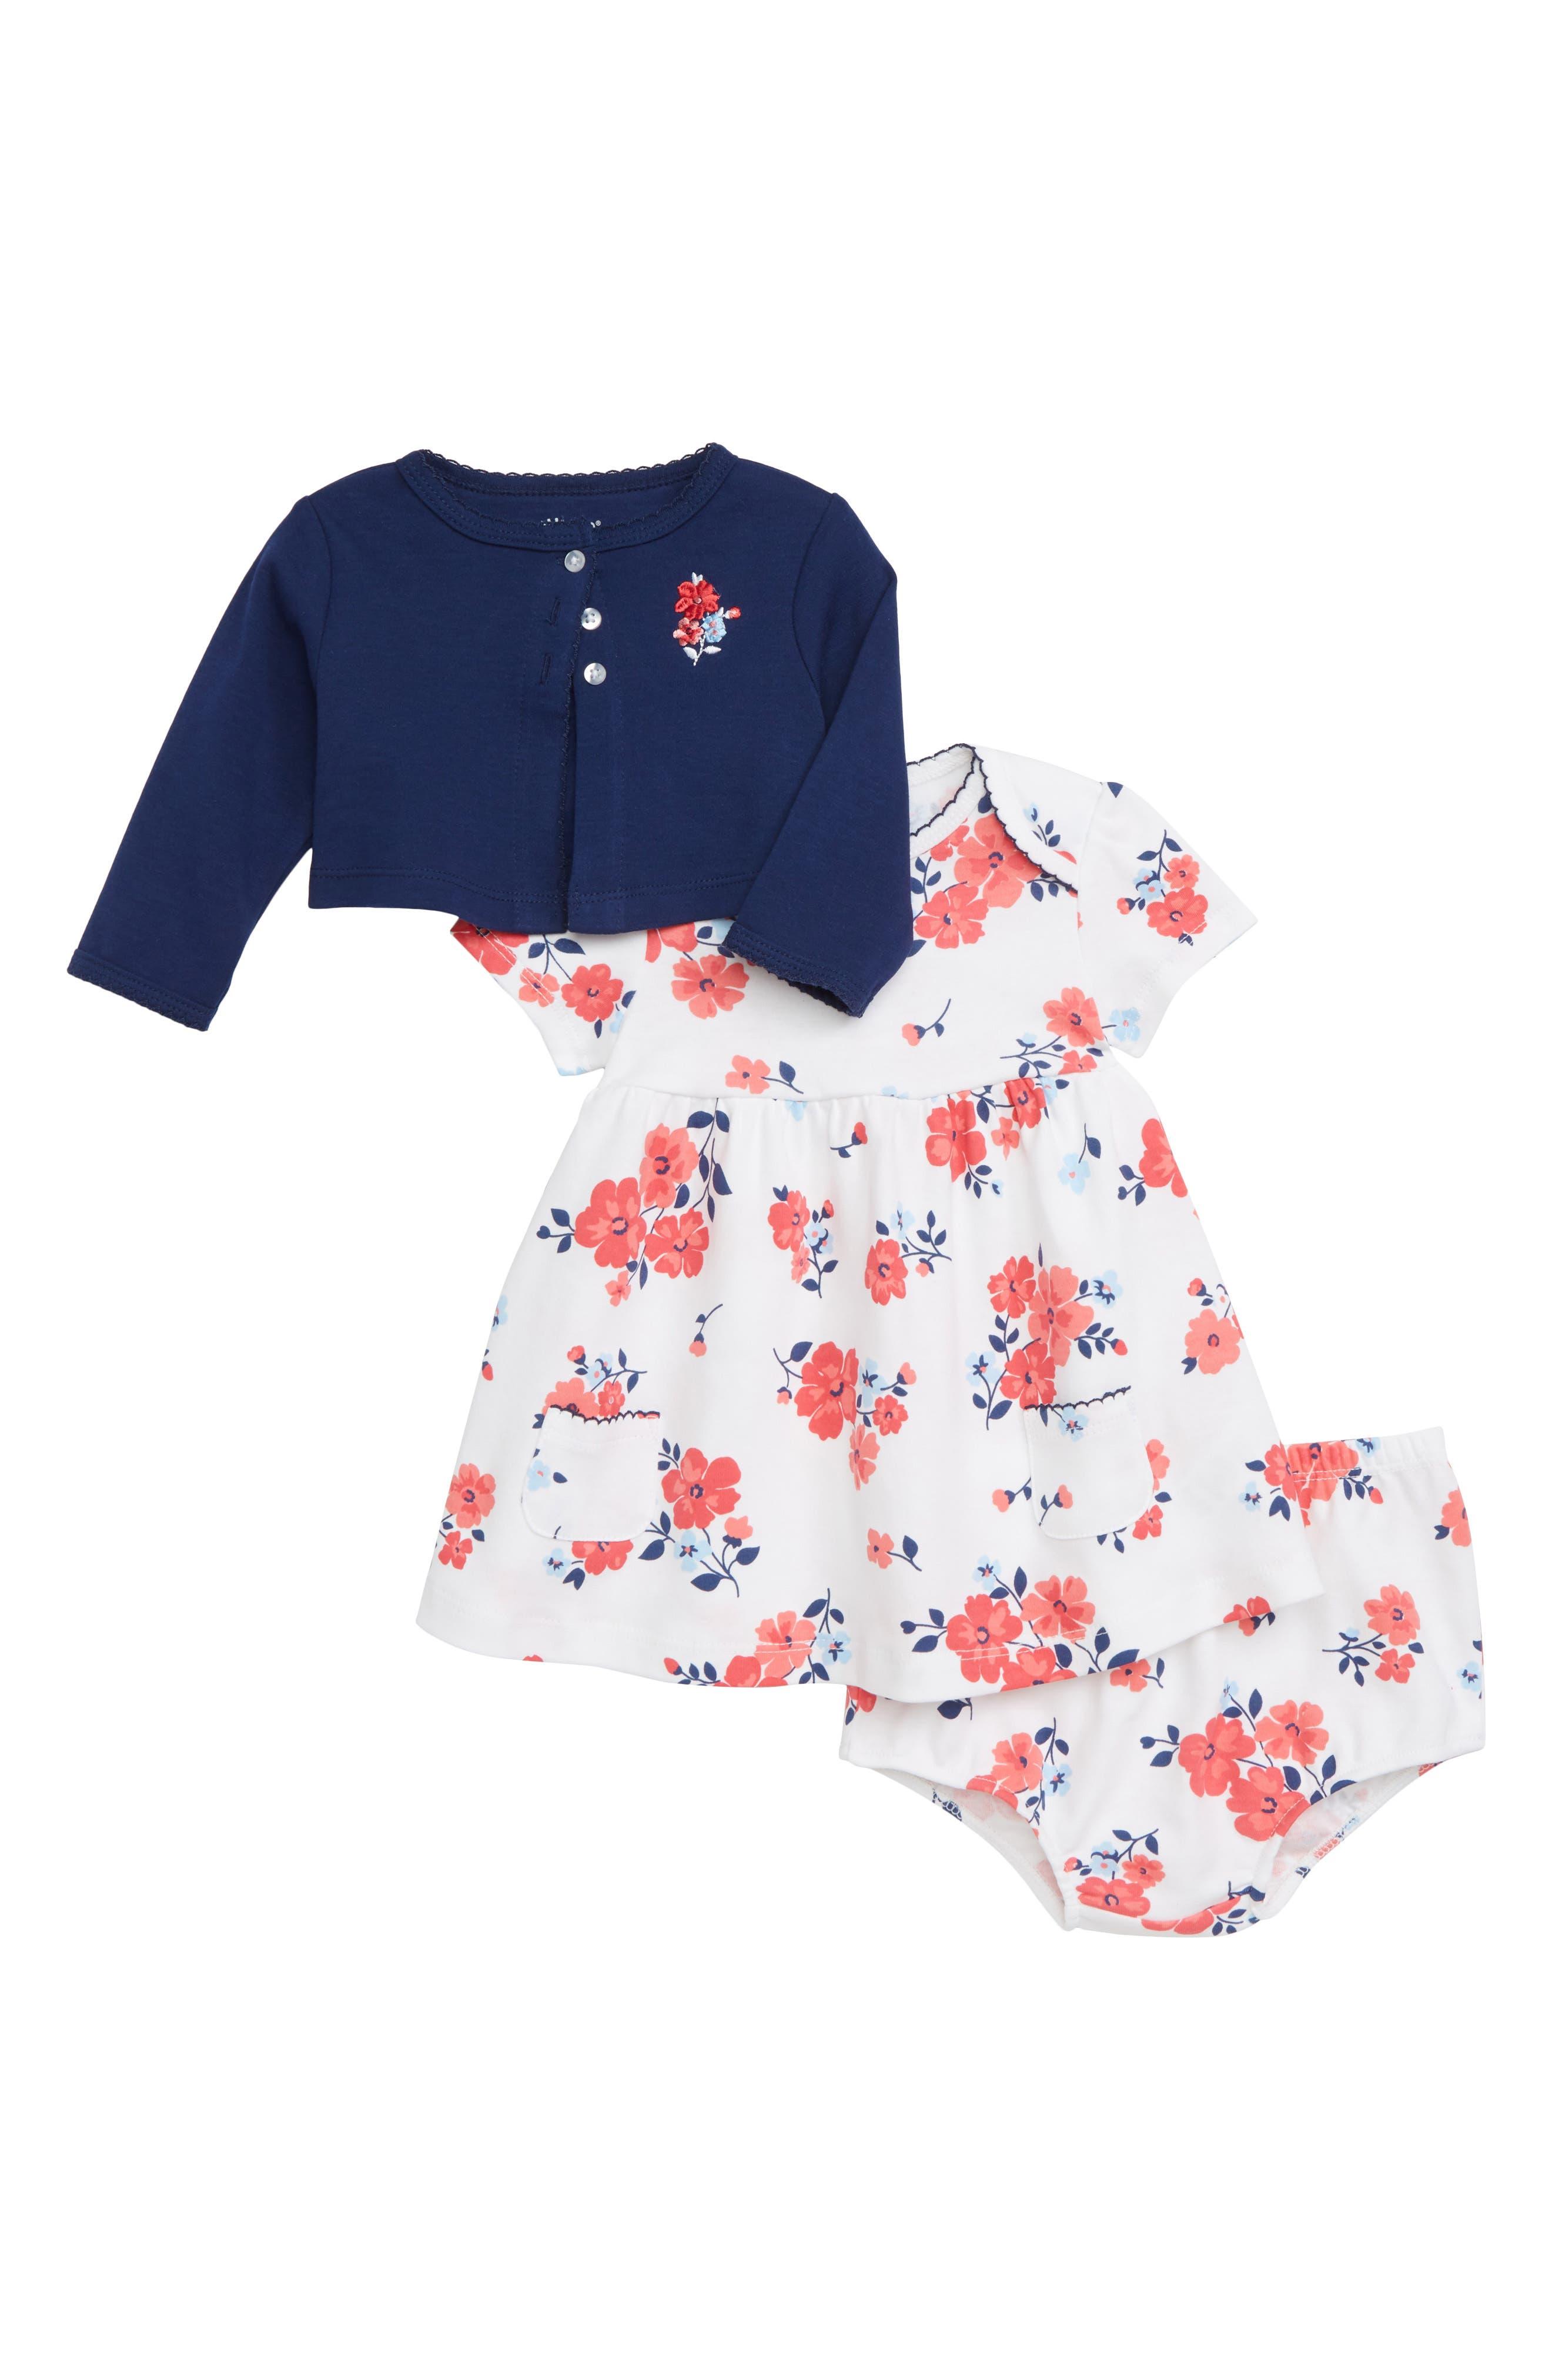 LITTLE ME Floral Dress Set, Main, color, FLORAL